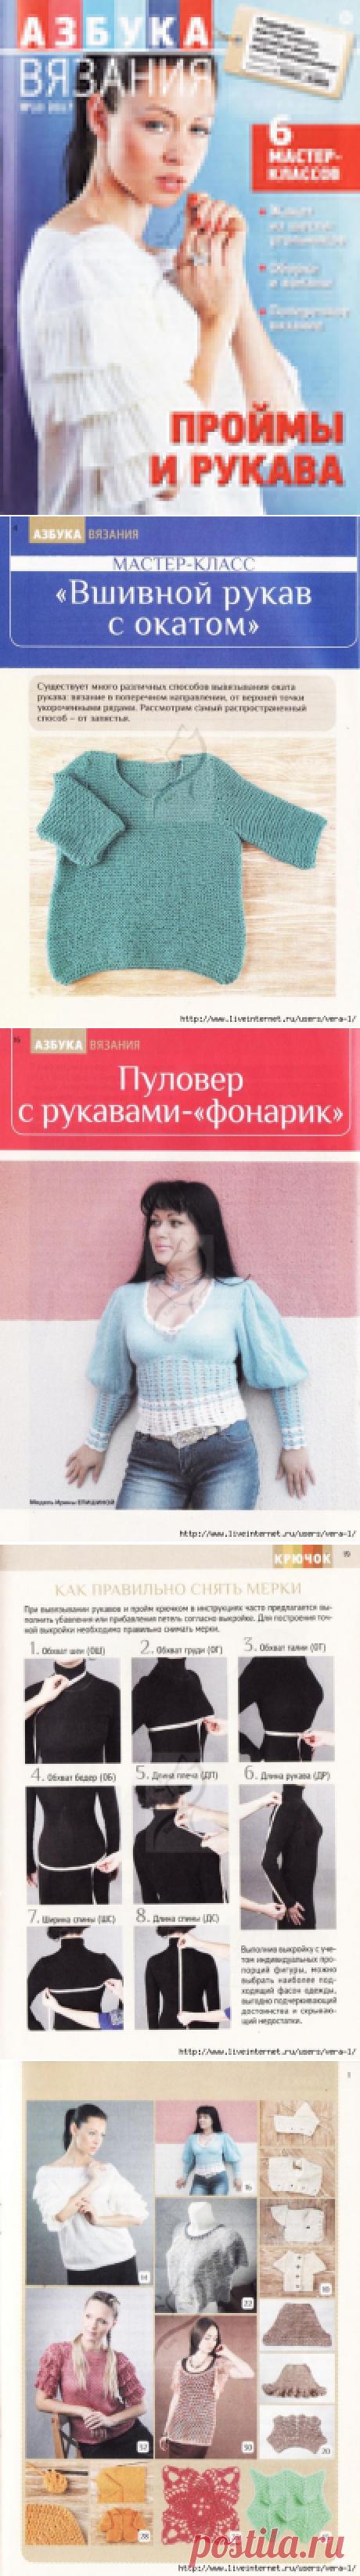 «Азбука вязания №10 2017»